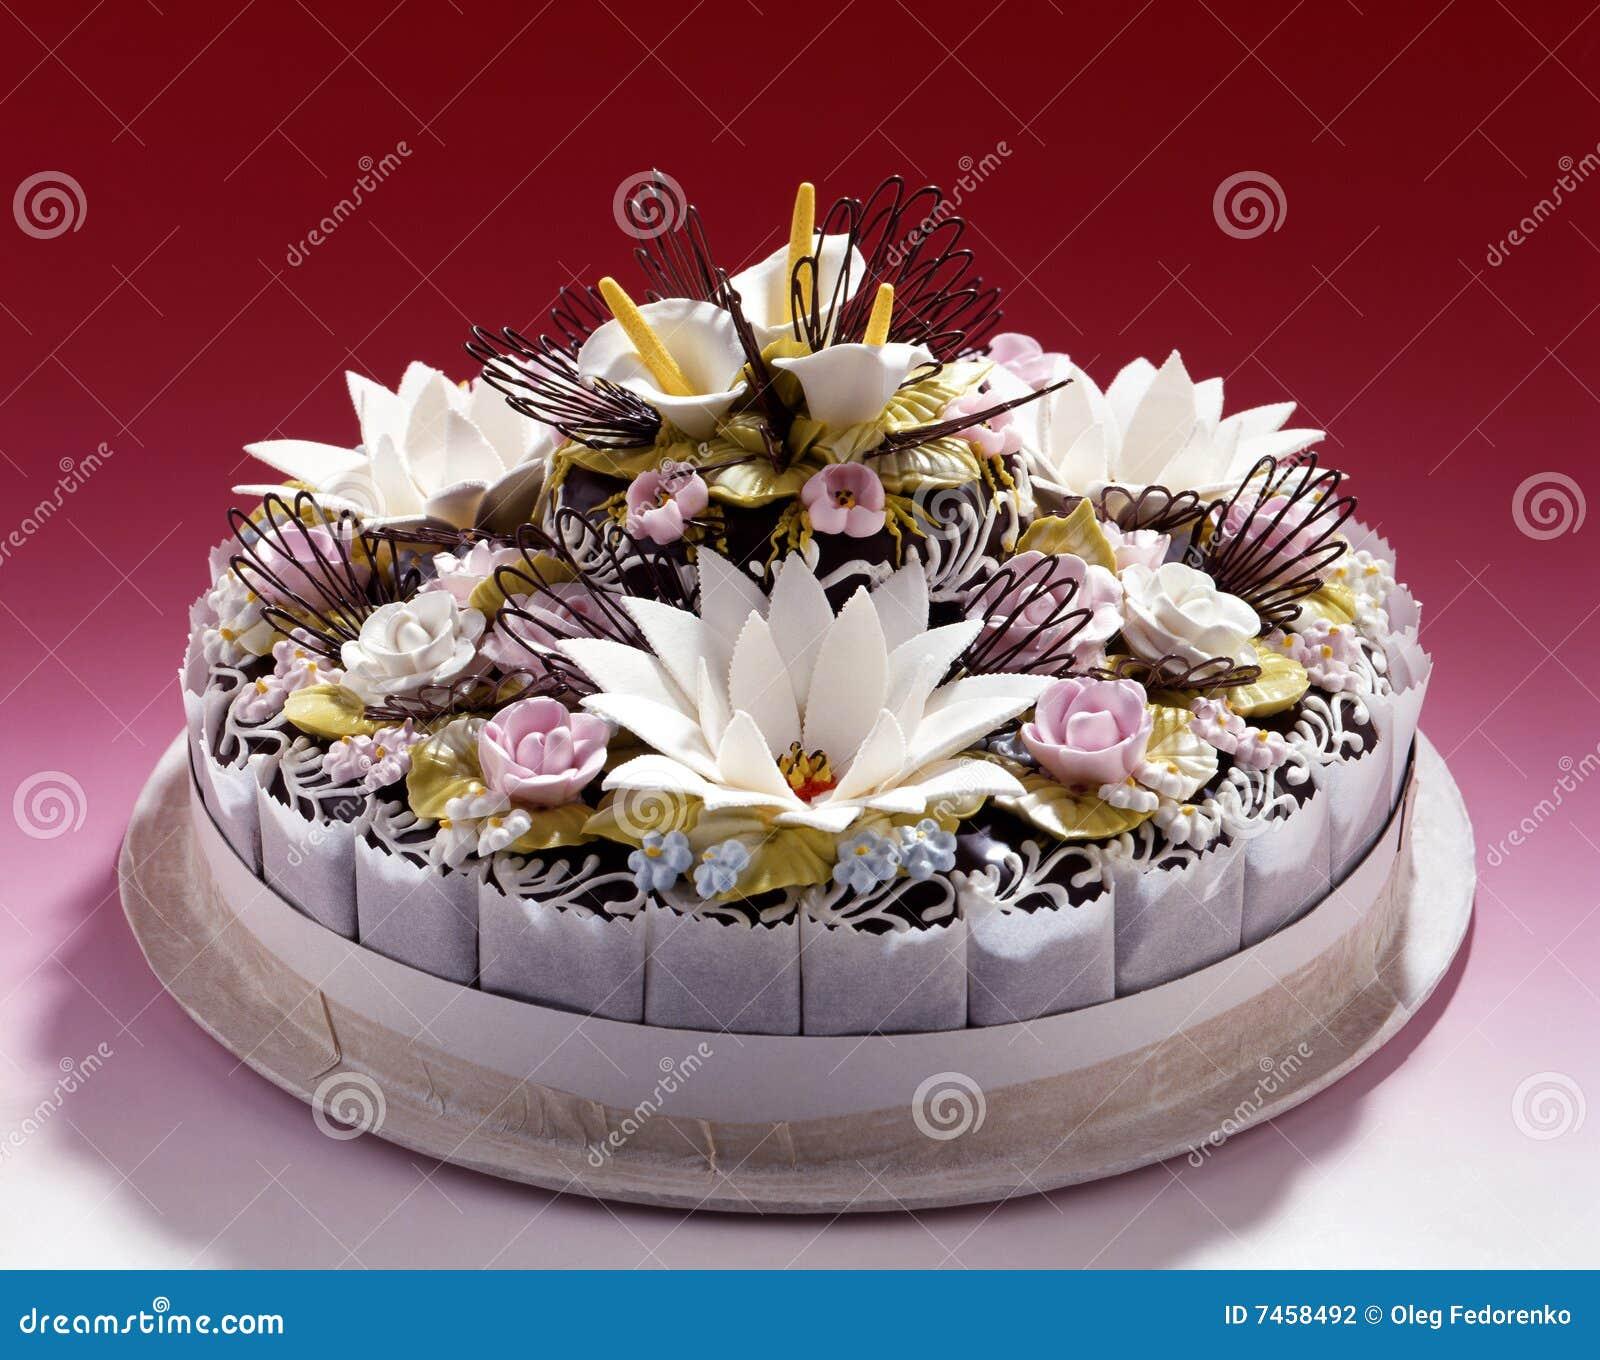 Romantischer Schoner Kuchen Stockfoto Bild Von Nachtisch Kakao